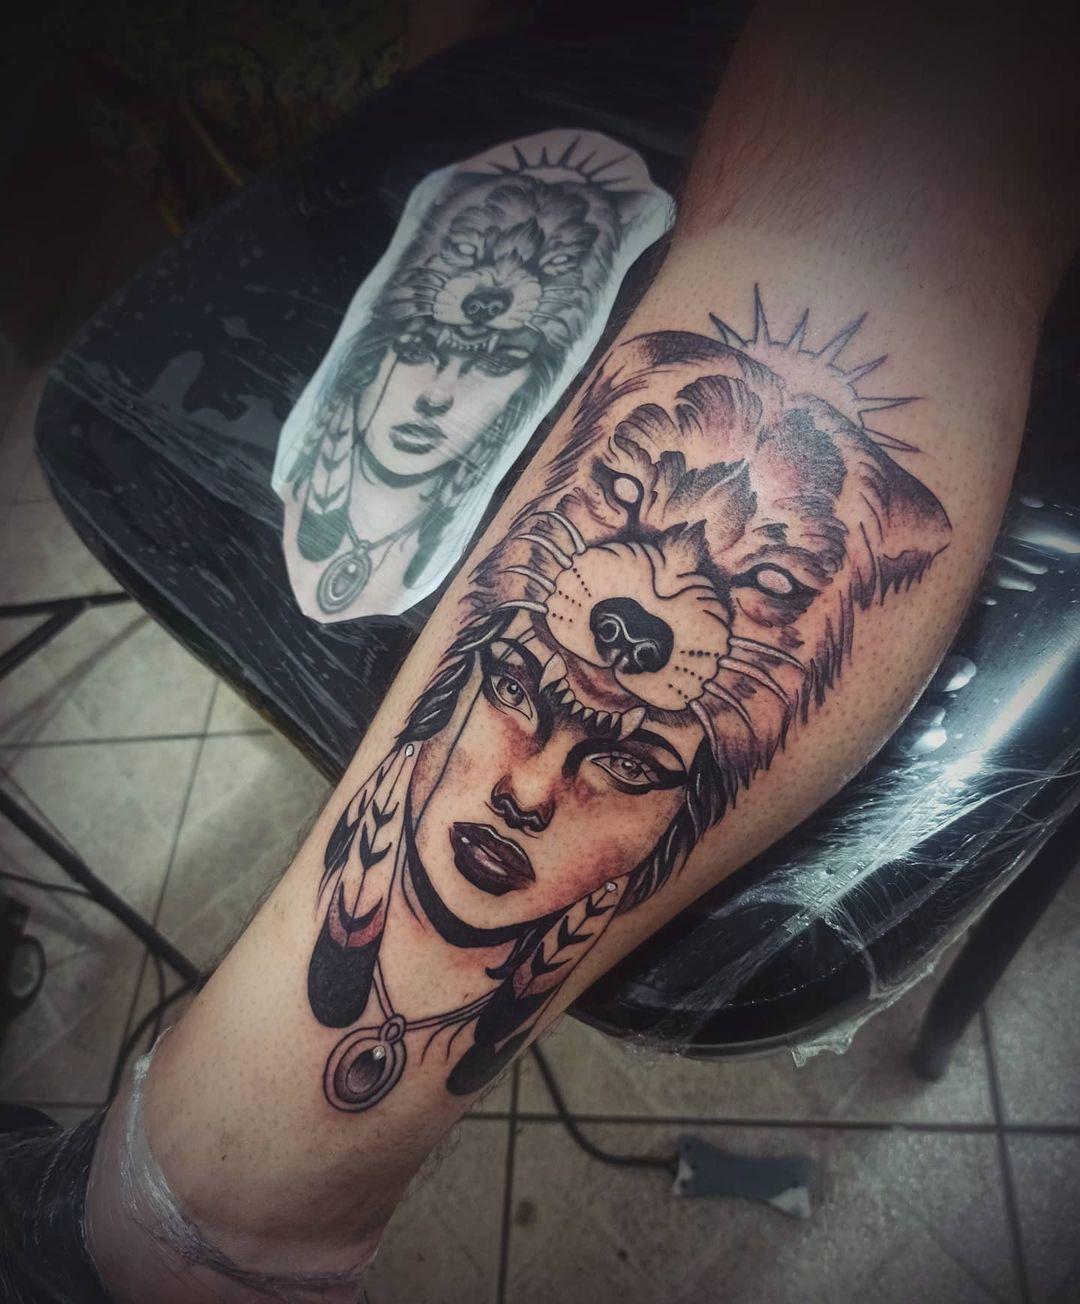 Obrigado pela preferência e confiança @luanferreirag14 #tattoosombreada #tattooindia #tattoolobo #Tattoo #tattoowork #tattooworkers #tattooworld #tatuagem